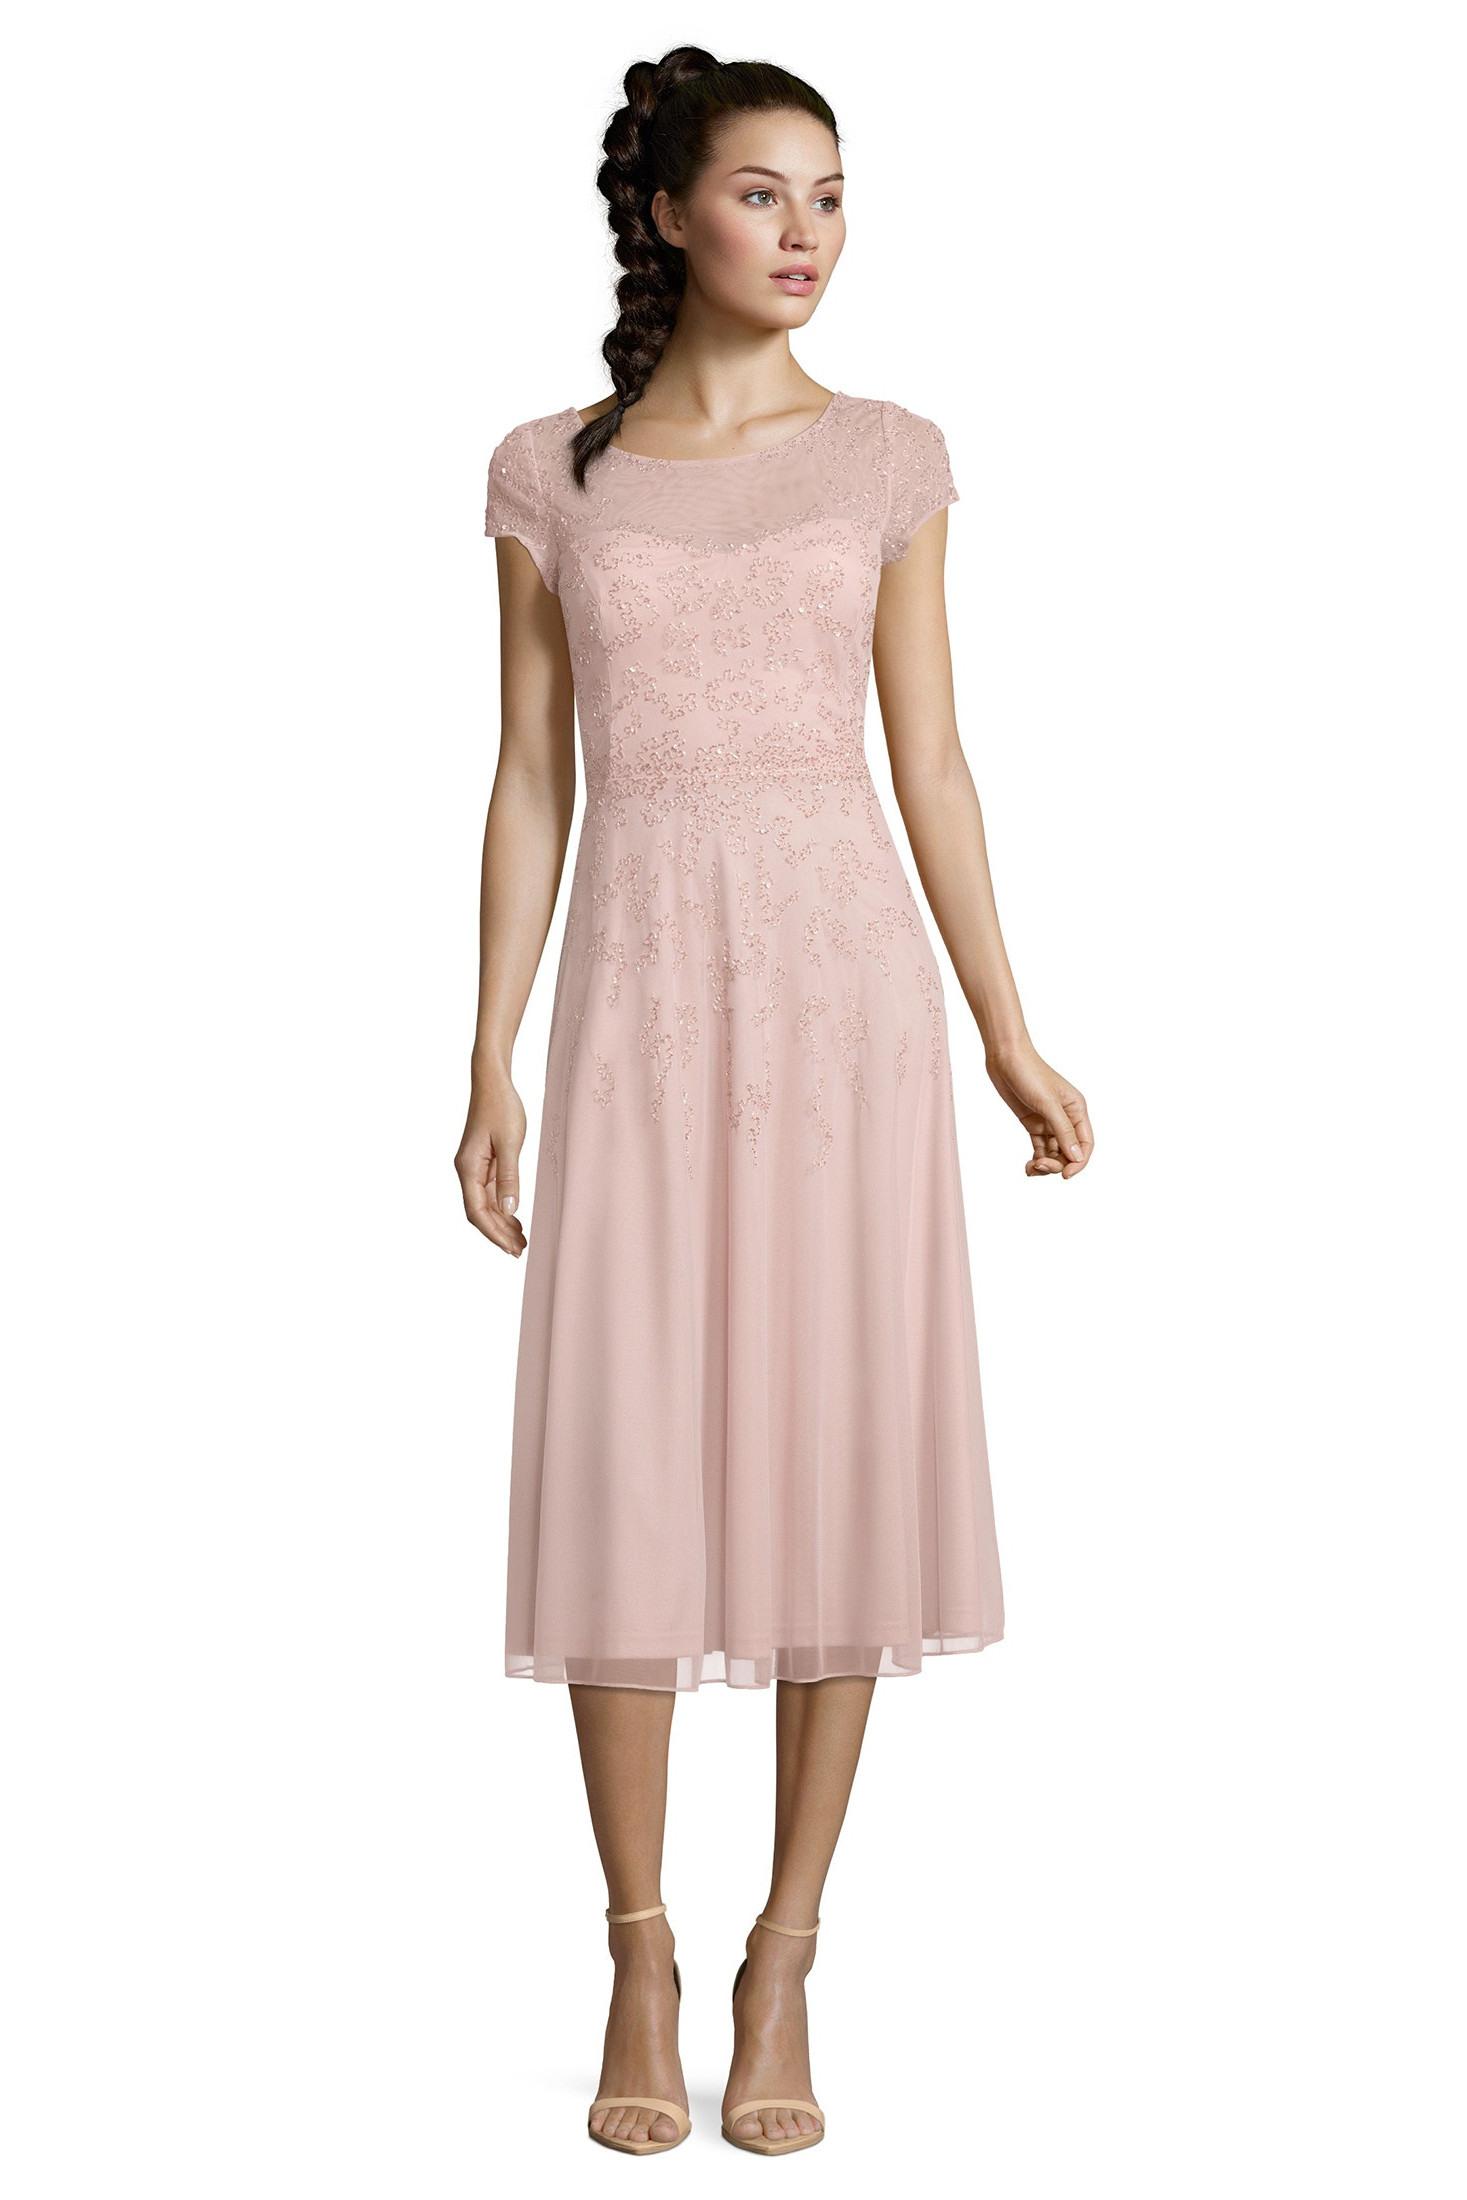 Abend Einfach Kleid Rosa Festlich Design Top Kleid Rosa Festlich Ärmel